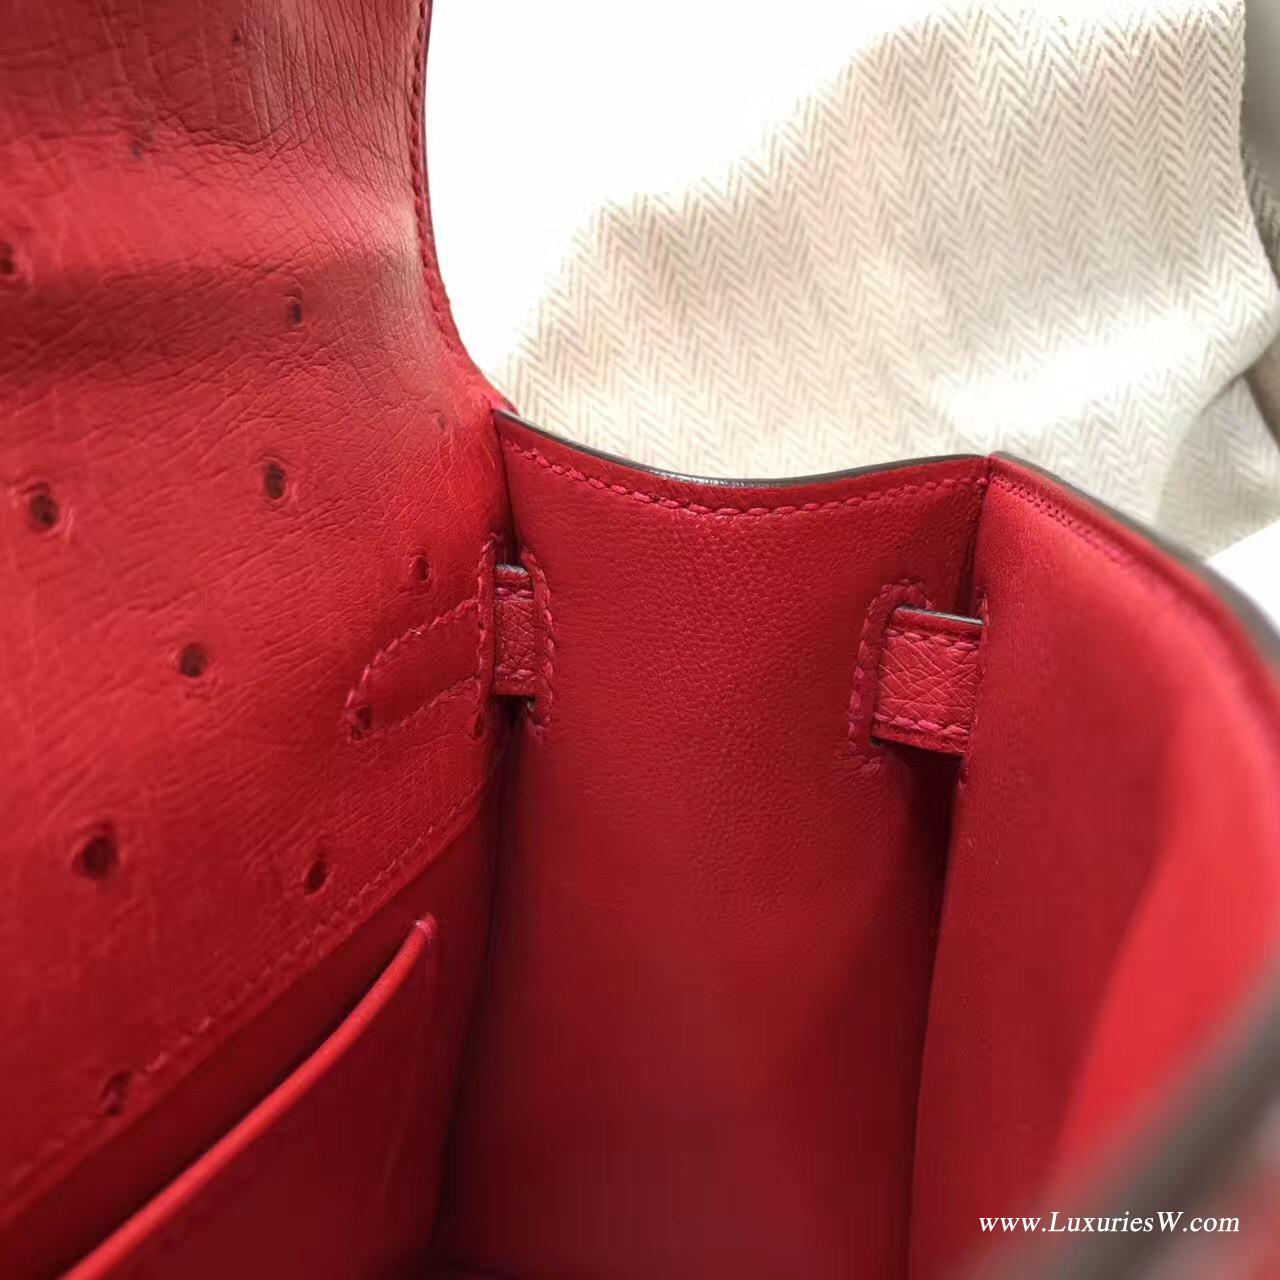 愛馬仕Hermes Minikelly壹代 Q5 Rouge Cossacks中国红鸵鸟 可爱迷人 金色金属